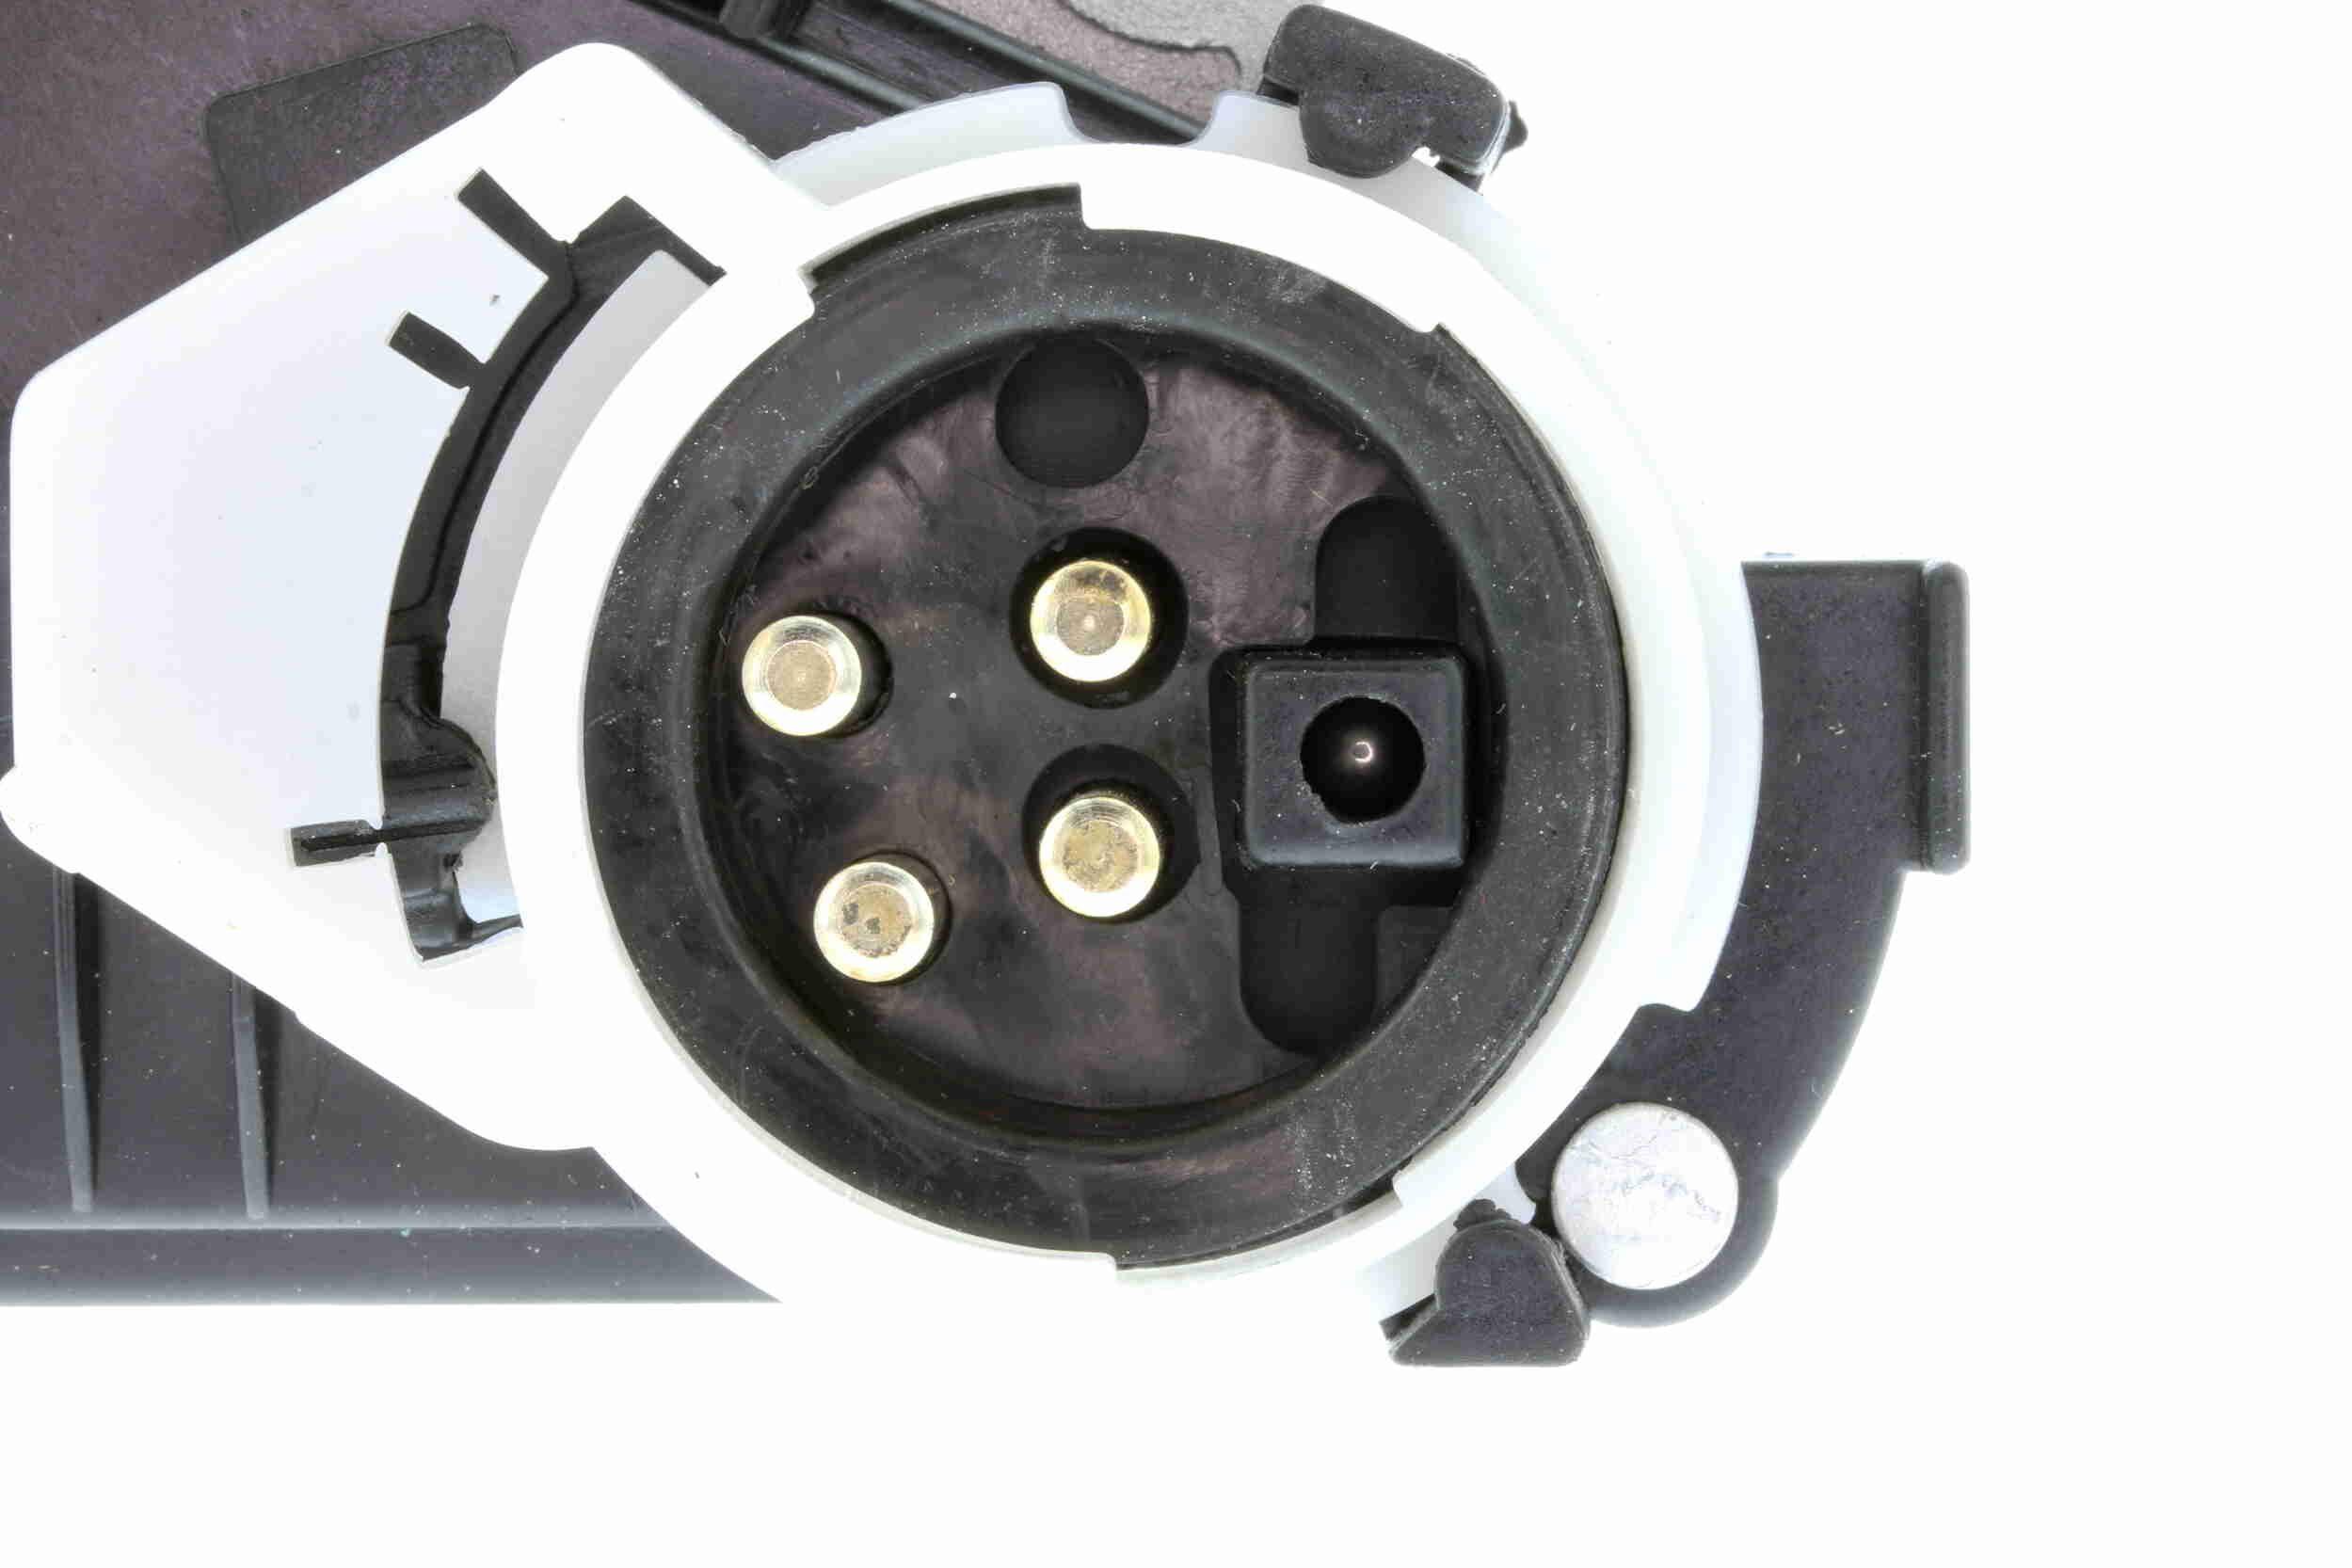 Switch, reverse light VEMO V30-73-0122 rating